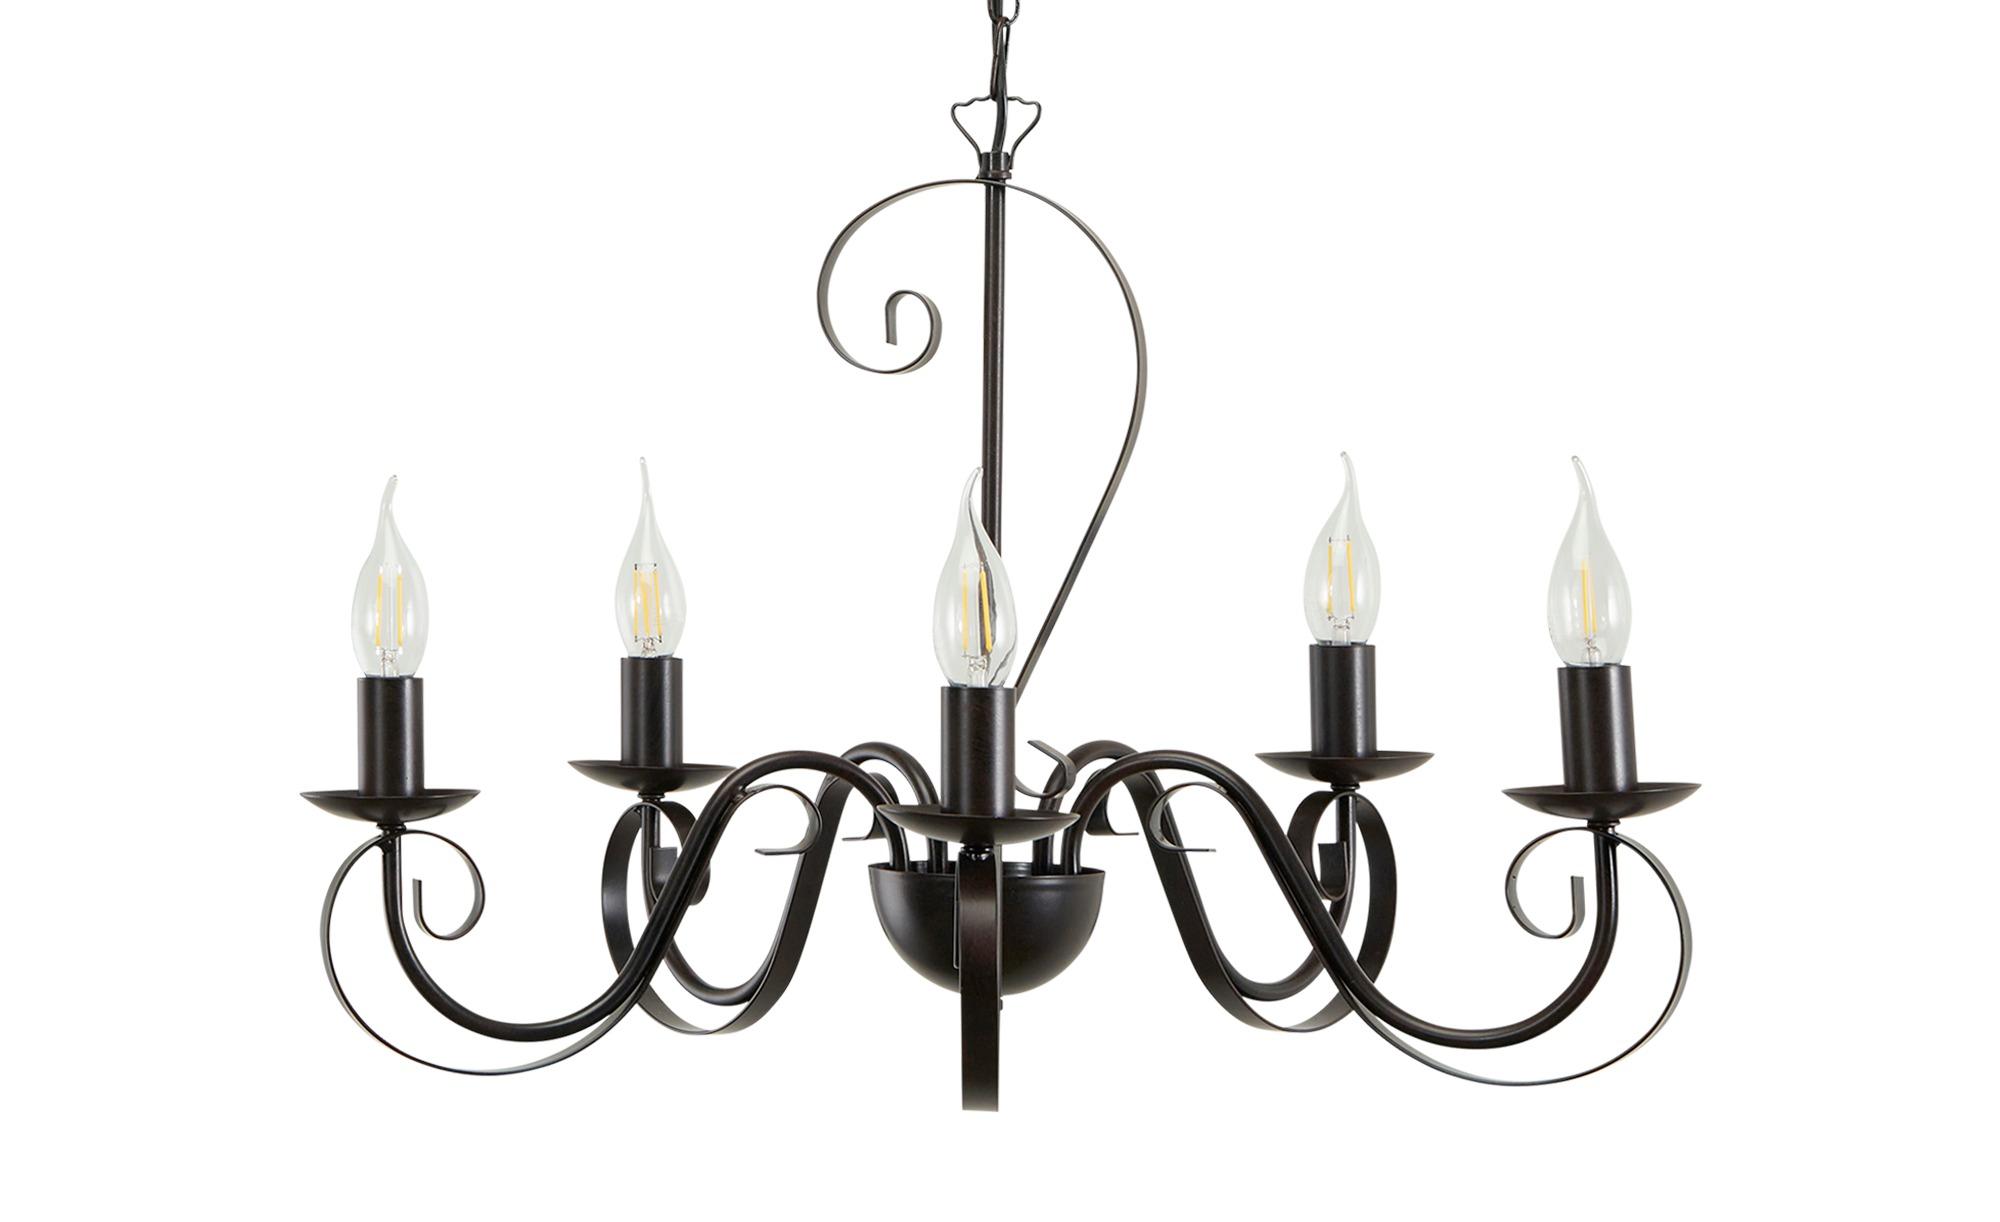 Kronleuchter, 5-flammig, schwarz/rost ¦ schwarz ¦ Maße (cm): H: 47 Ø: 60 Lampen & Leuchten > Innenleuchten > Kronleuchter - Höffner